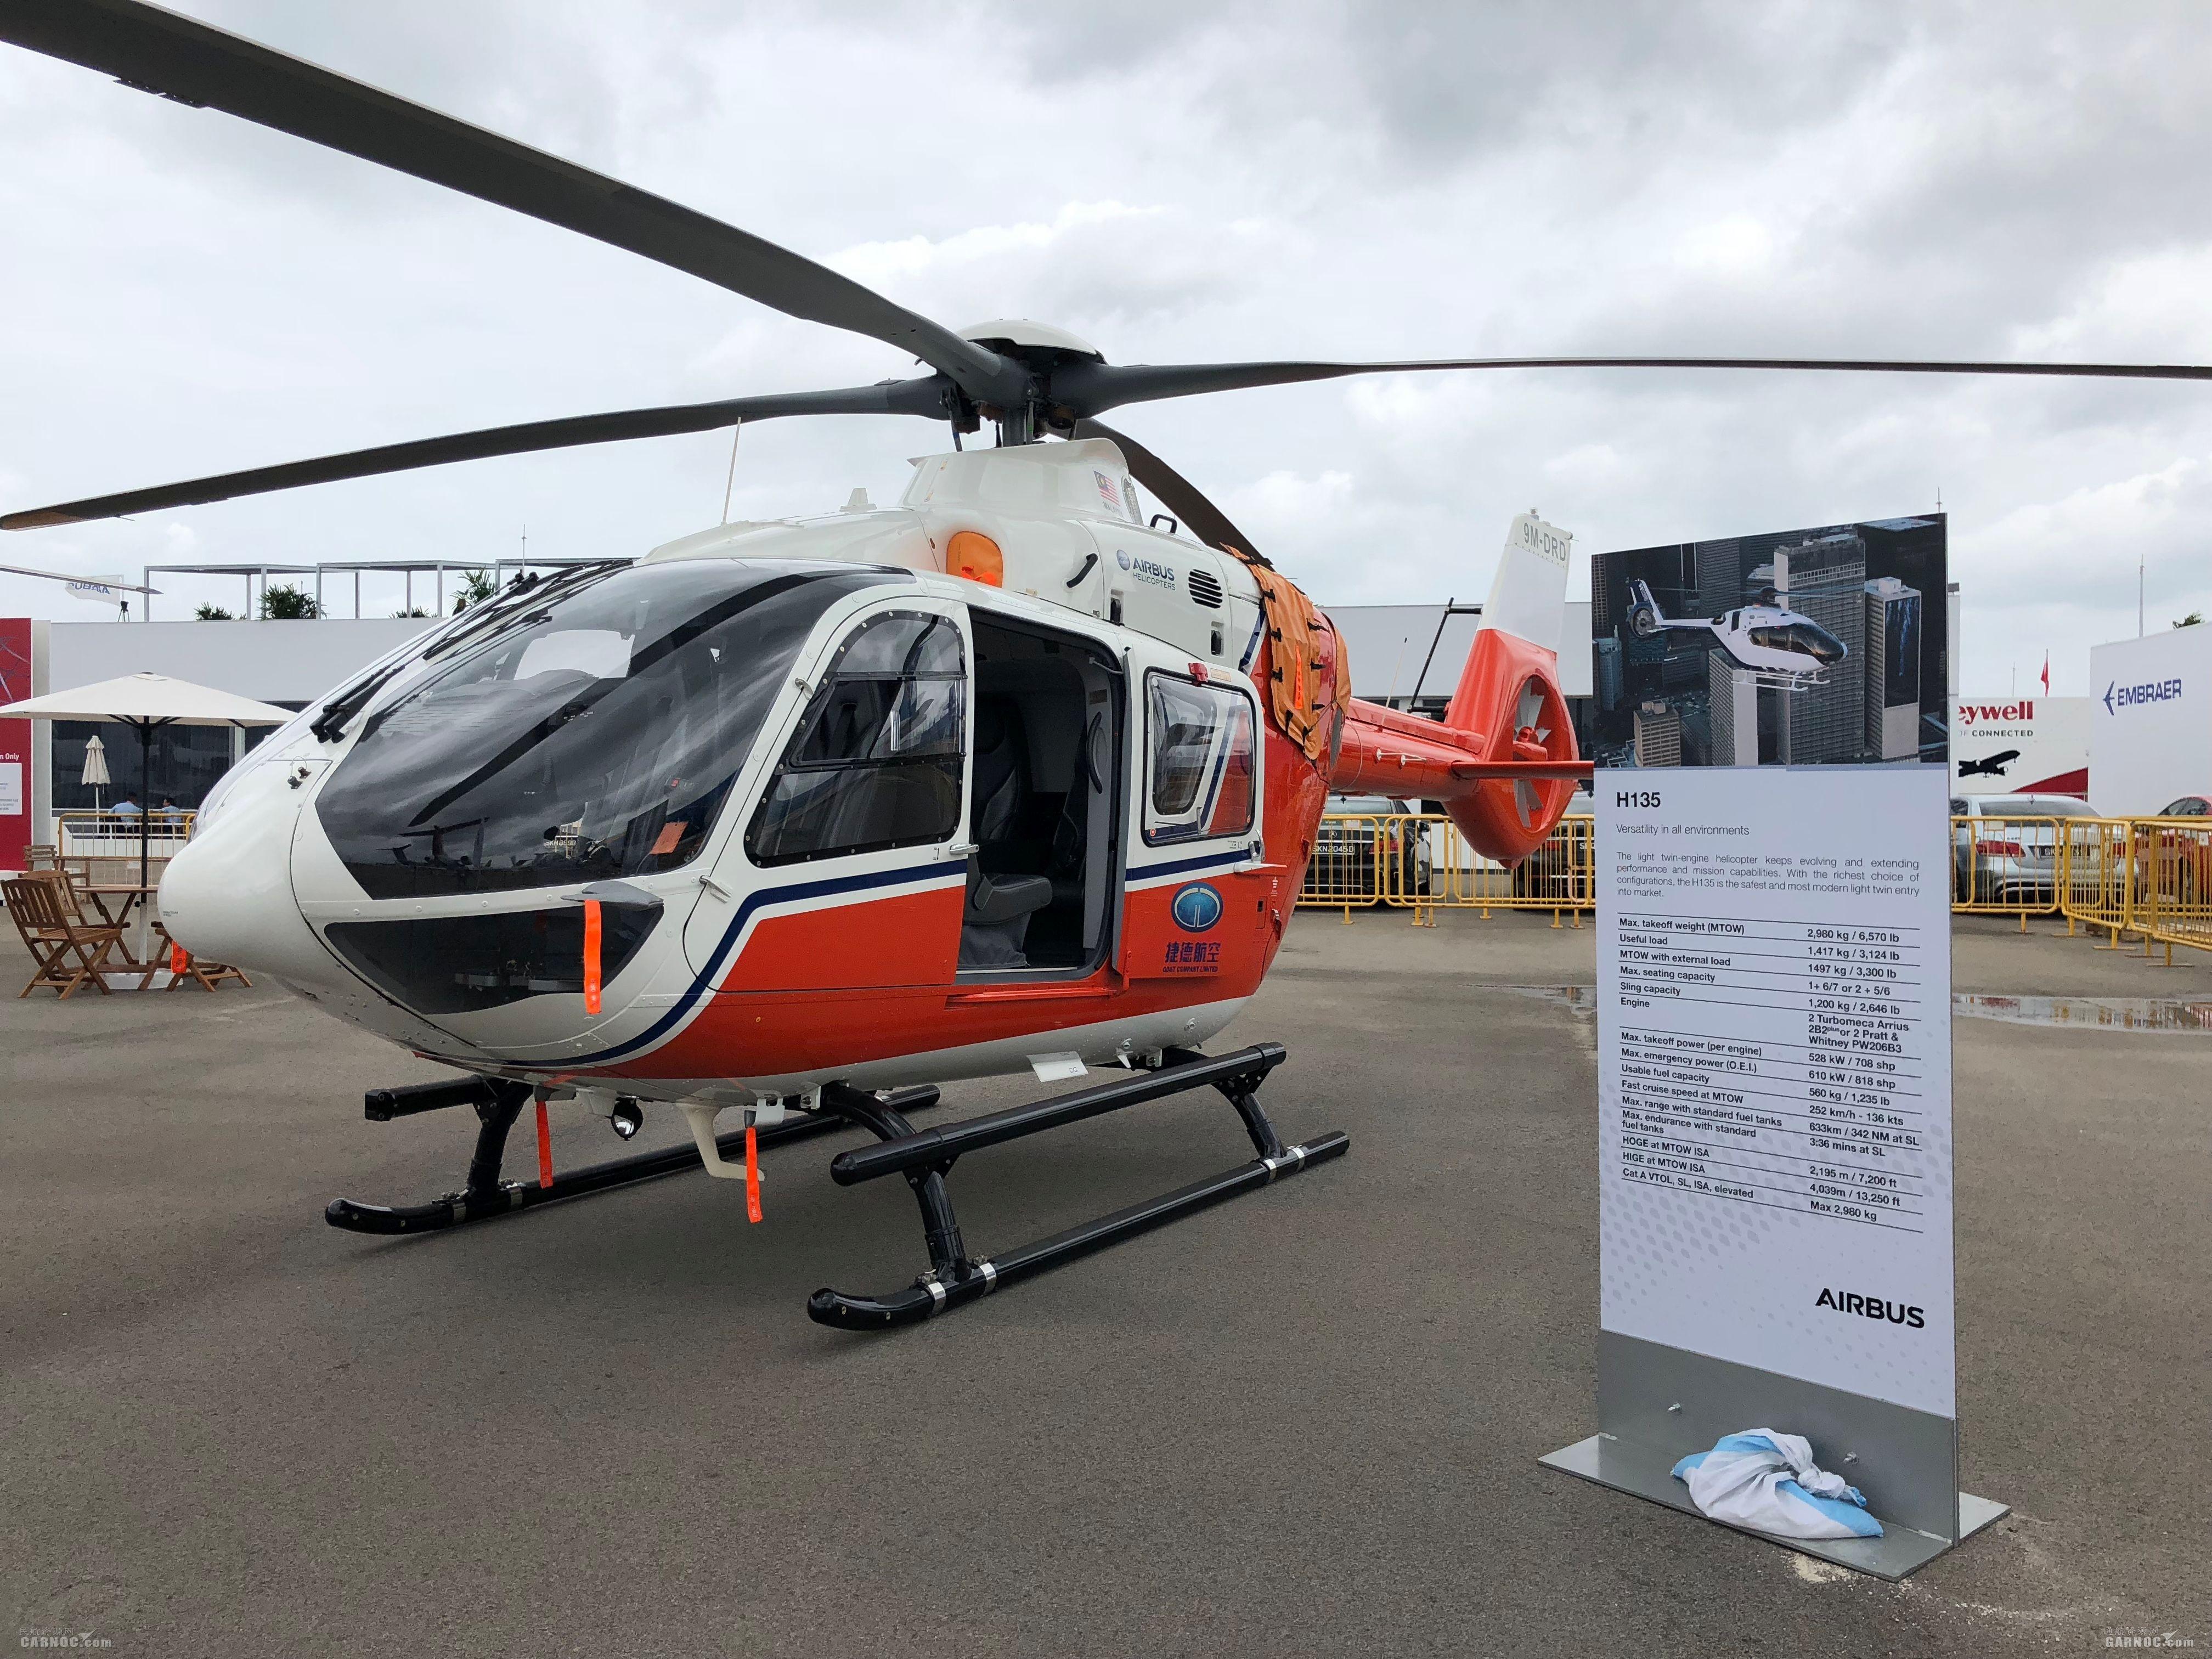 空客H135最新款亮相新加坡航展 买家为捷德航空